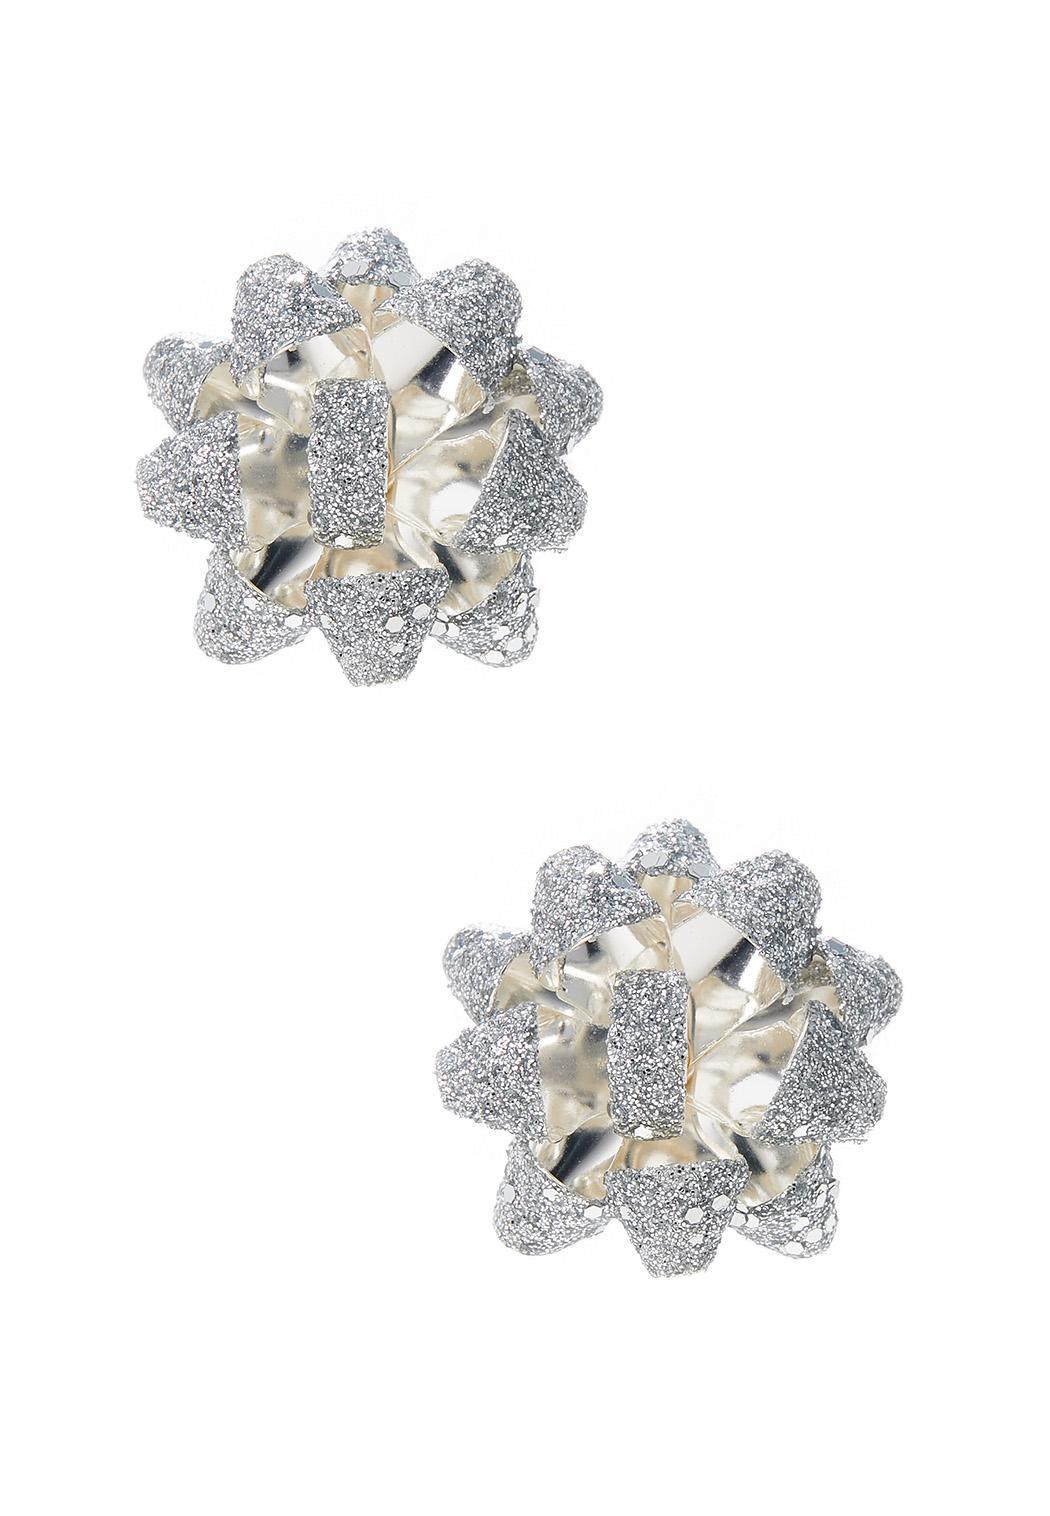 Silver Bow Earrings